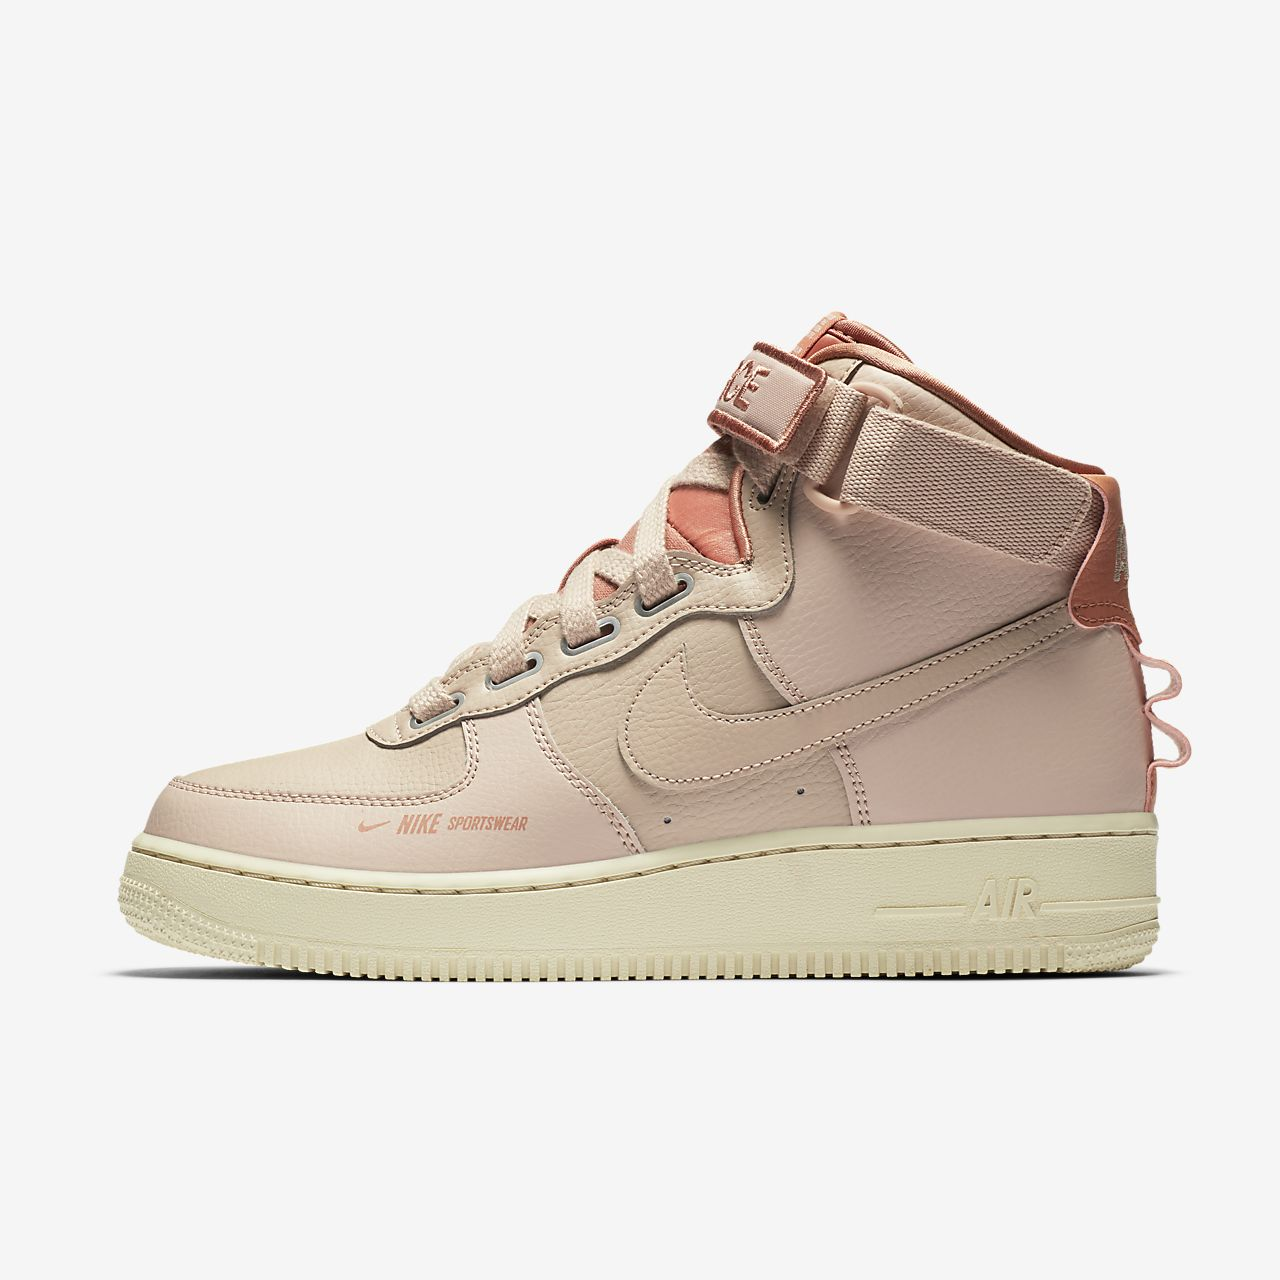 factory price 52b0d a975f ... Nike Air Force 1 High Utility Kadın Ayakkabısı